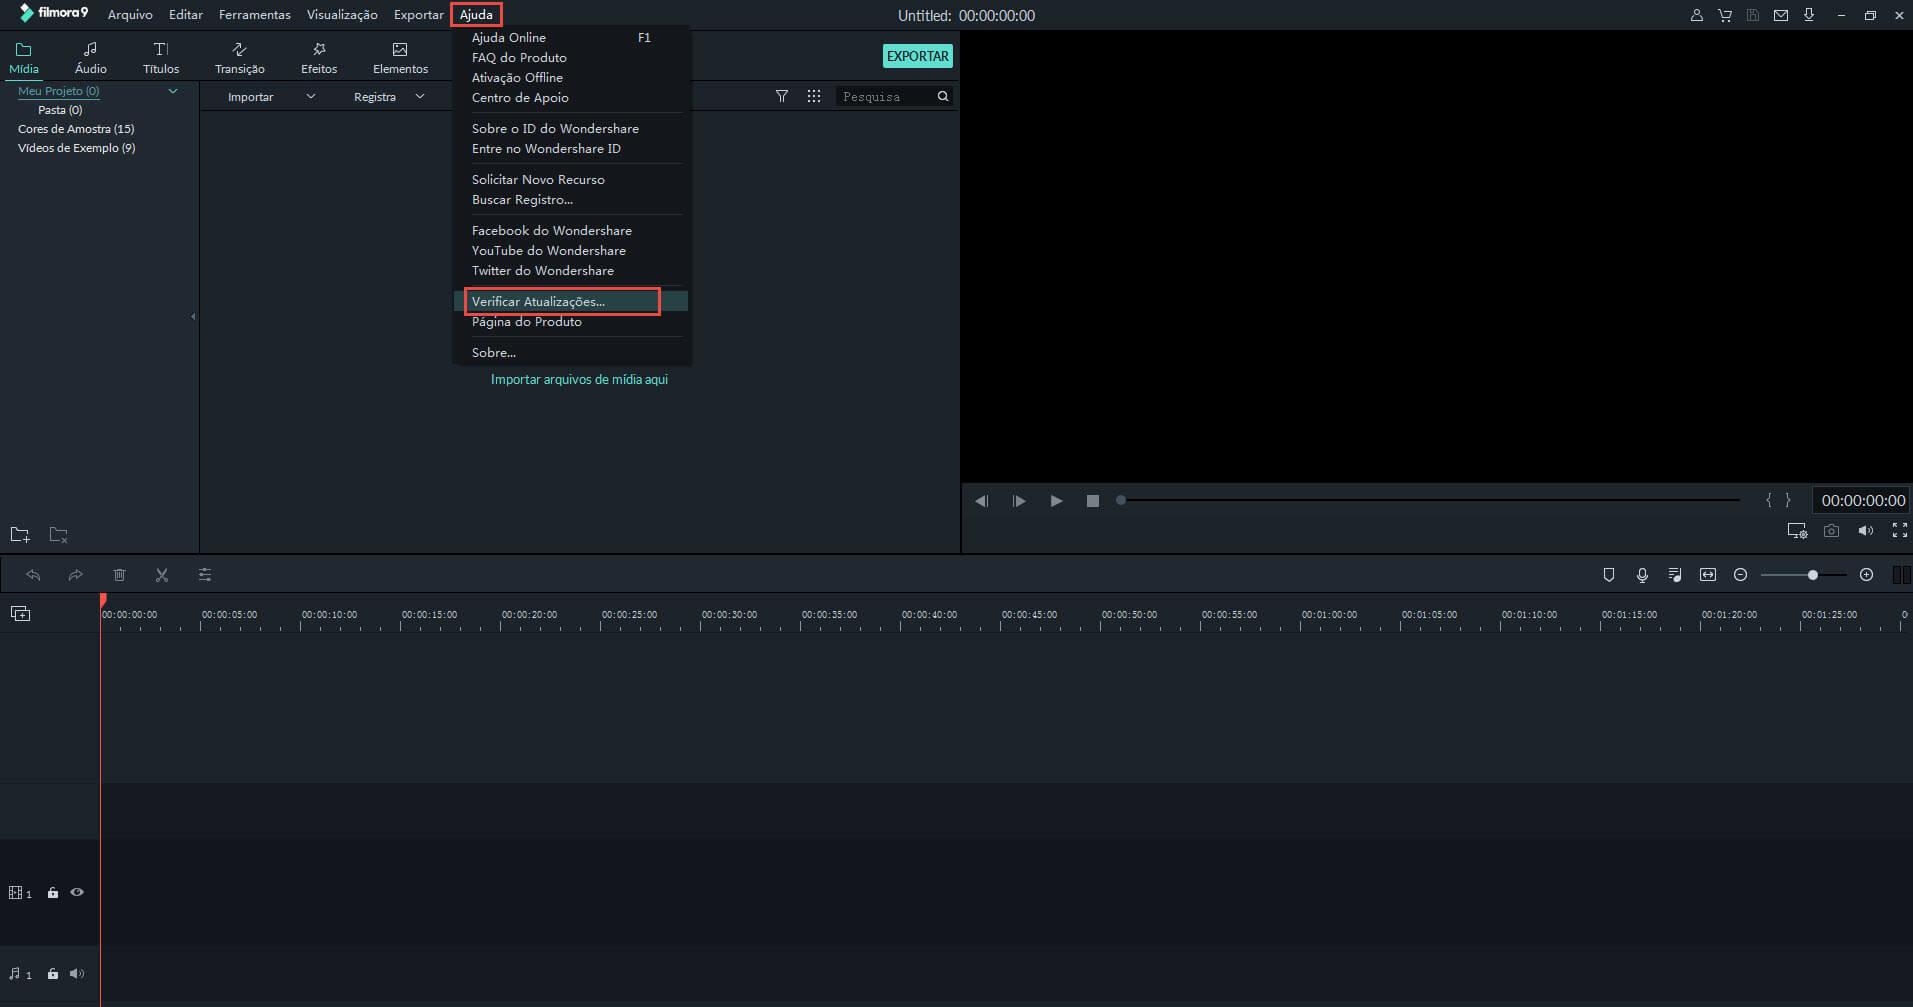 procurar atualização no Filmora 9 para windows